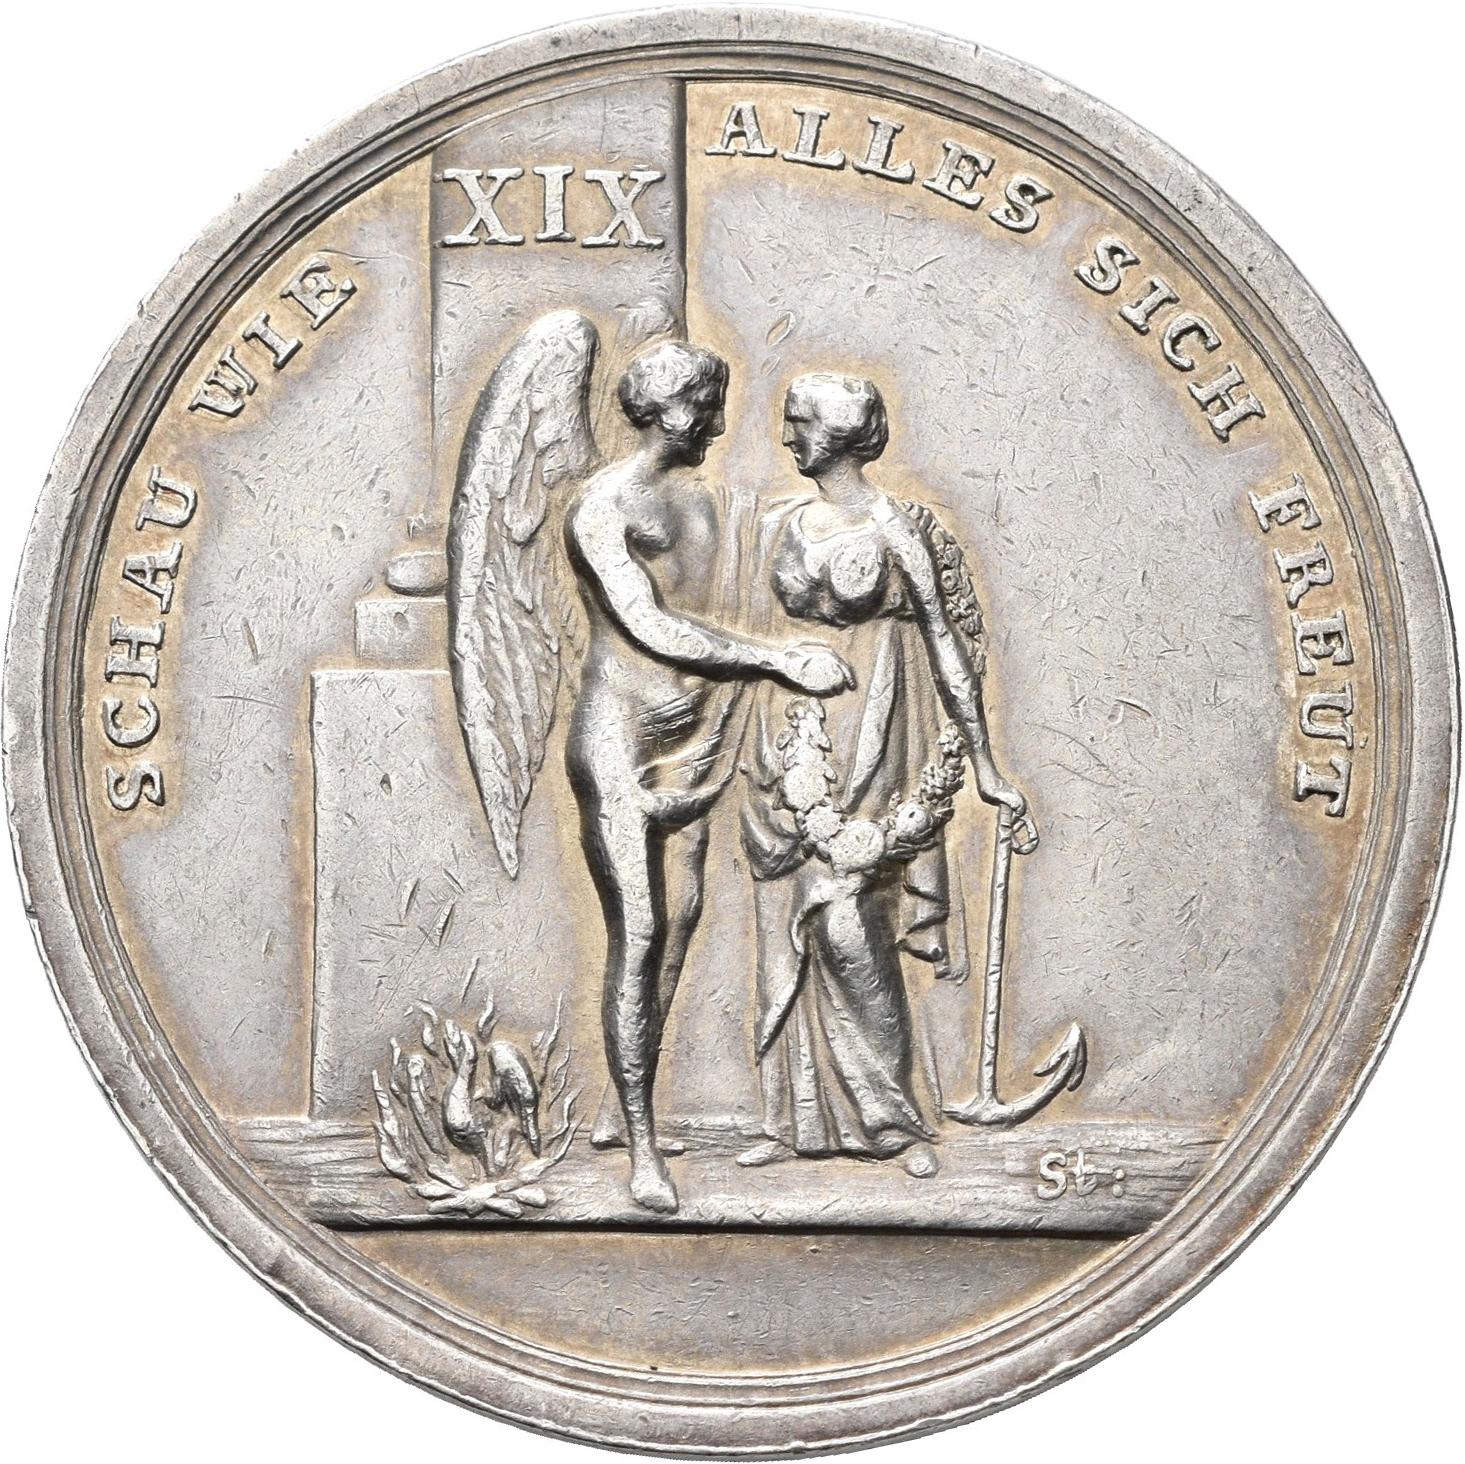 Lot 02401 - Medaillen Deutschland - Geographisch   Münzen  -  Auktionshaus Christoph Gärtner GmbH & Co. KG Sale #48 The Coins & The Picture Post Cards